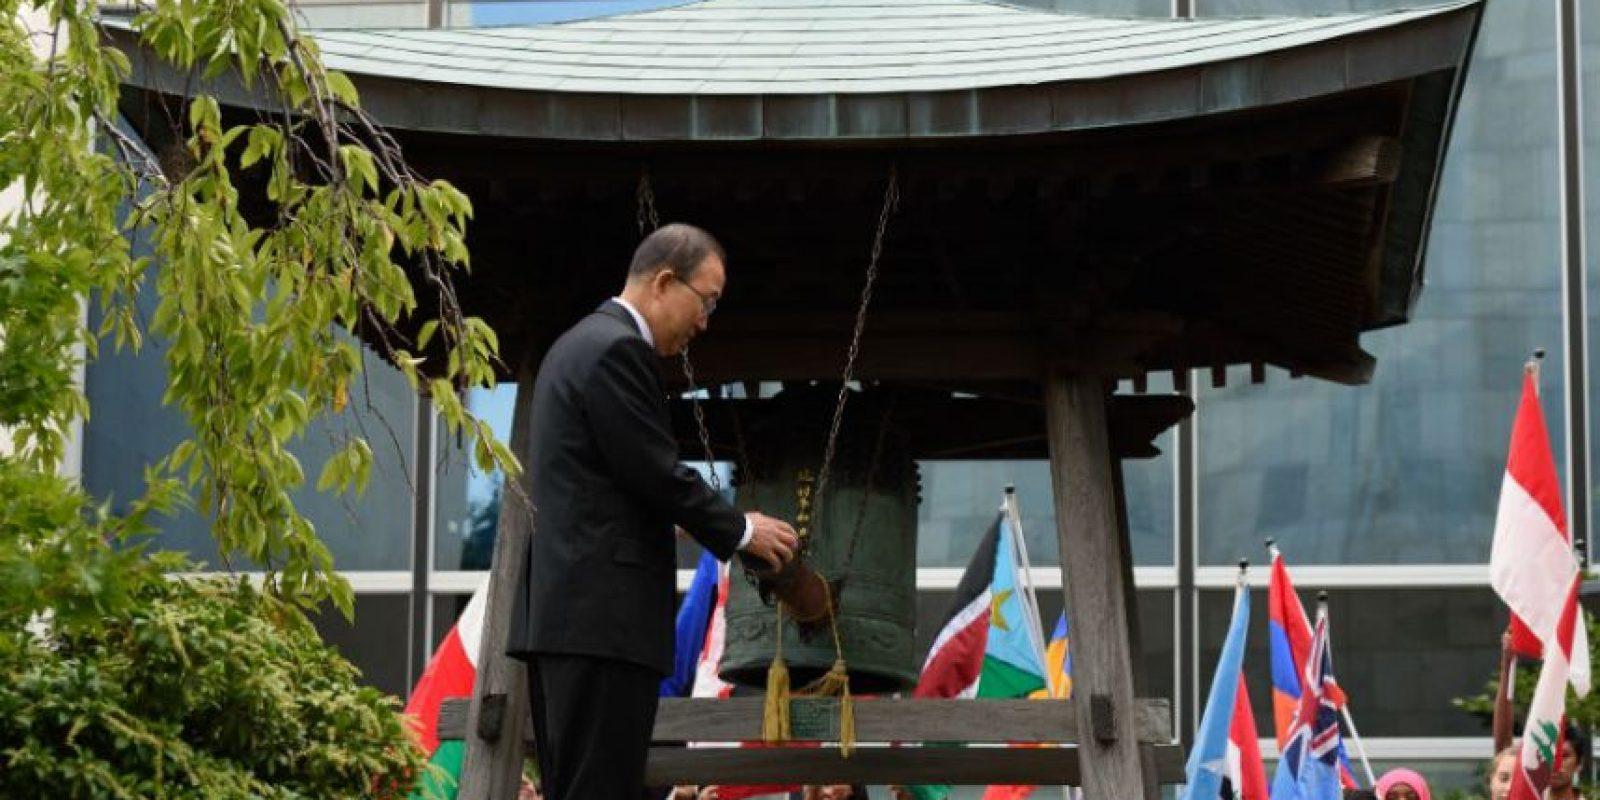 El Secretario General de la ONU, Ban Ki-Moon, participó en una ceremonia llevada acabo en Nueva York, Estados Unidos. Foto:AFP